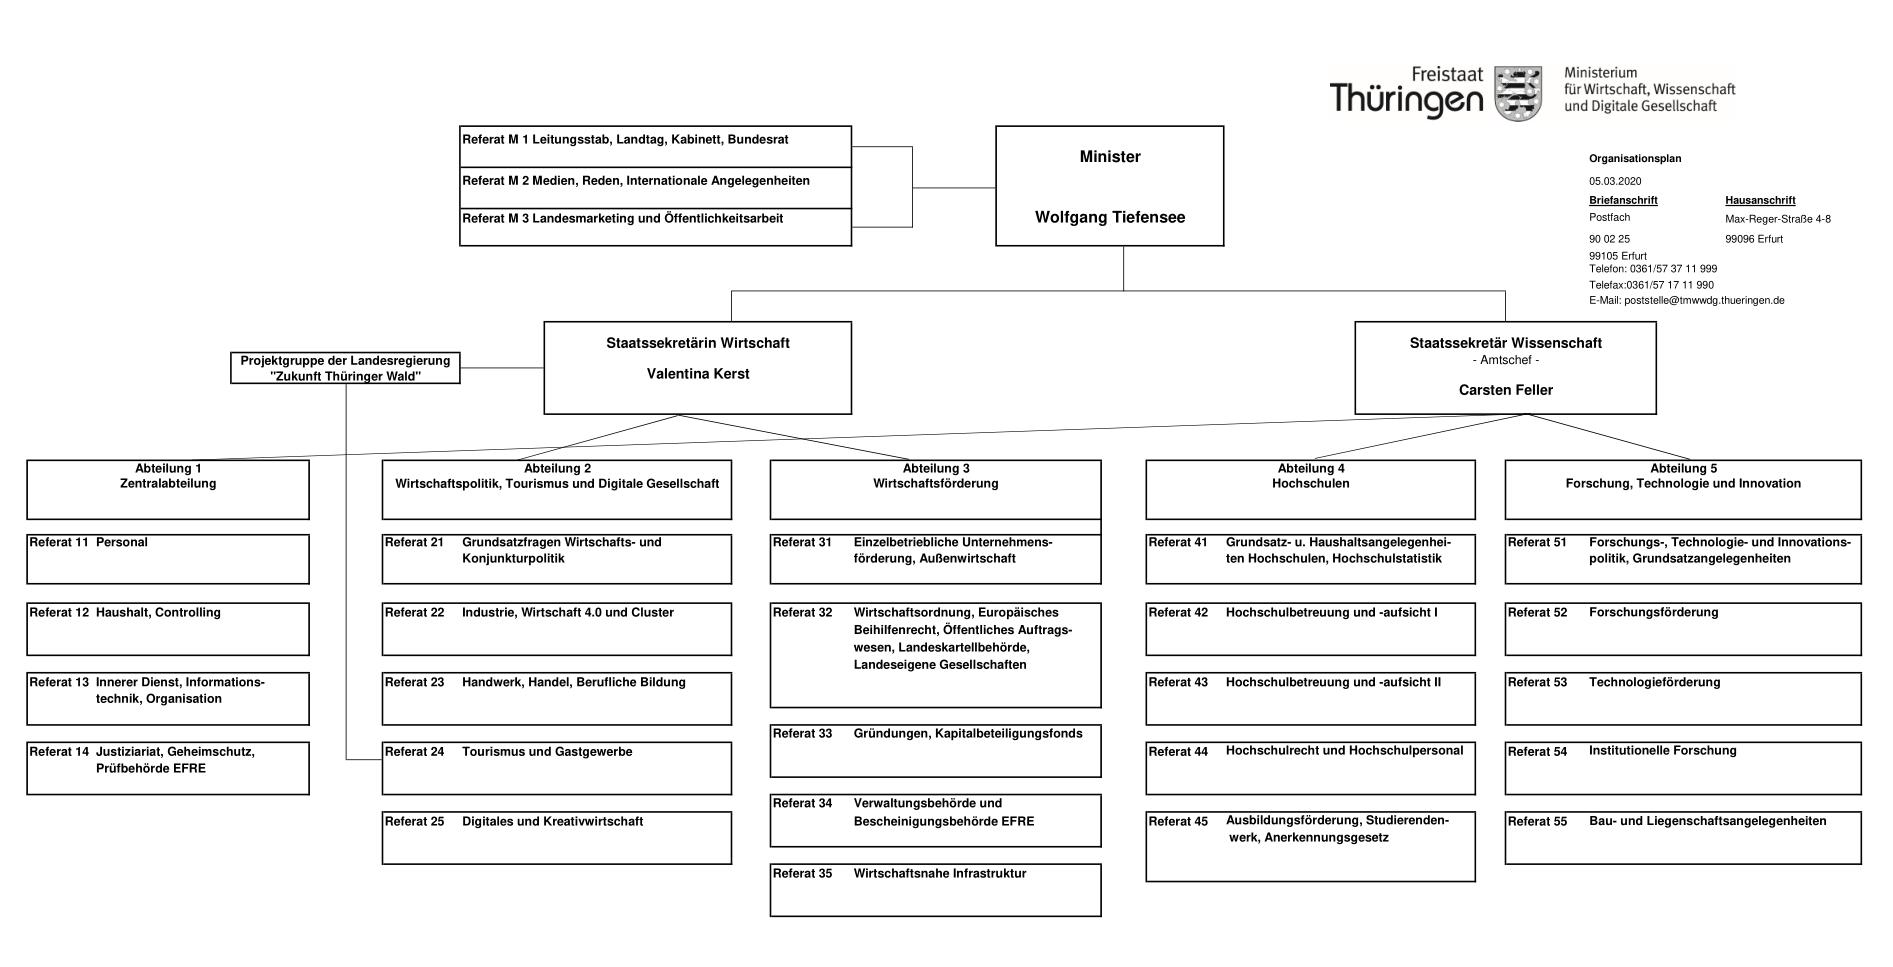 Das aktuelle Organigramm des TMWWDG